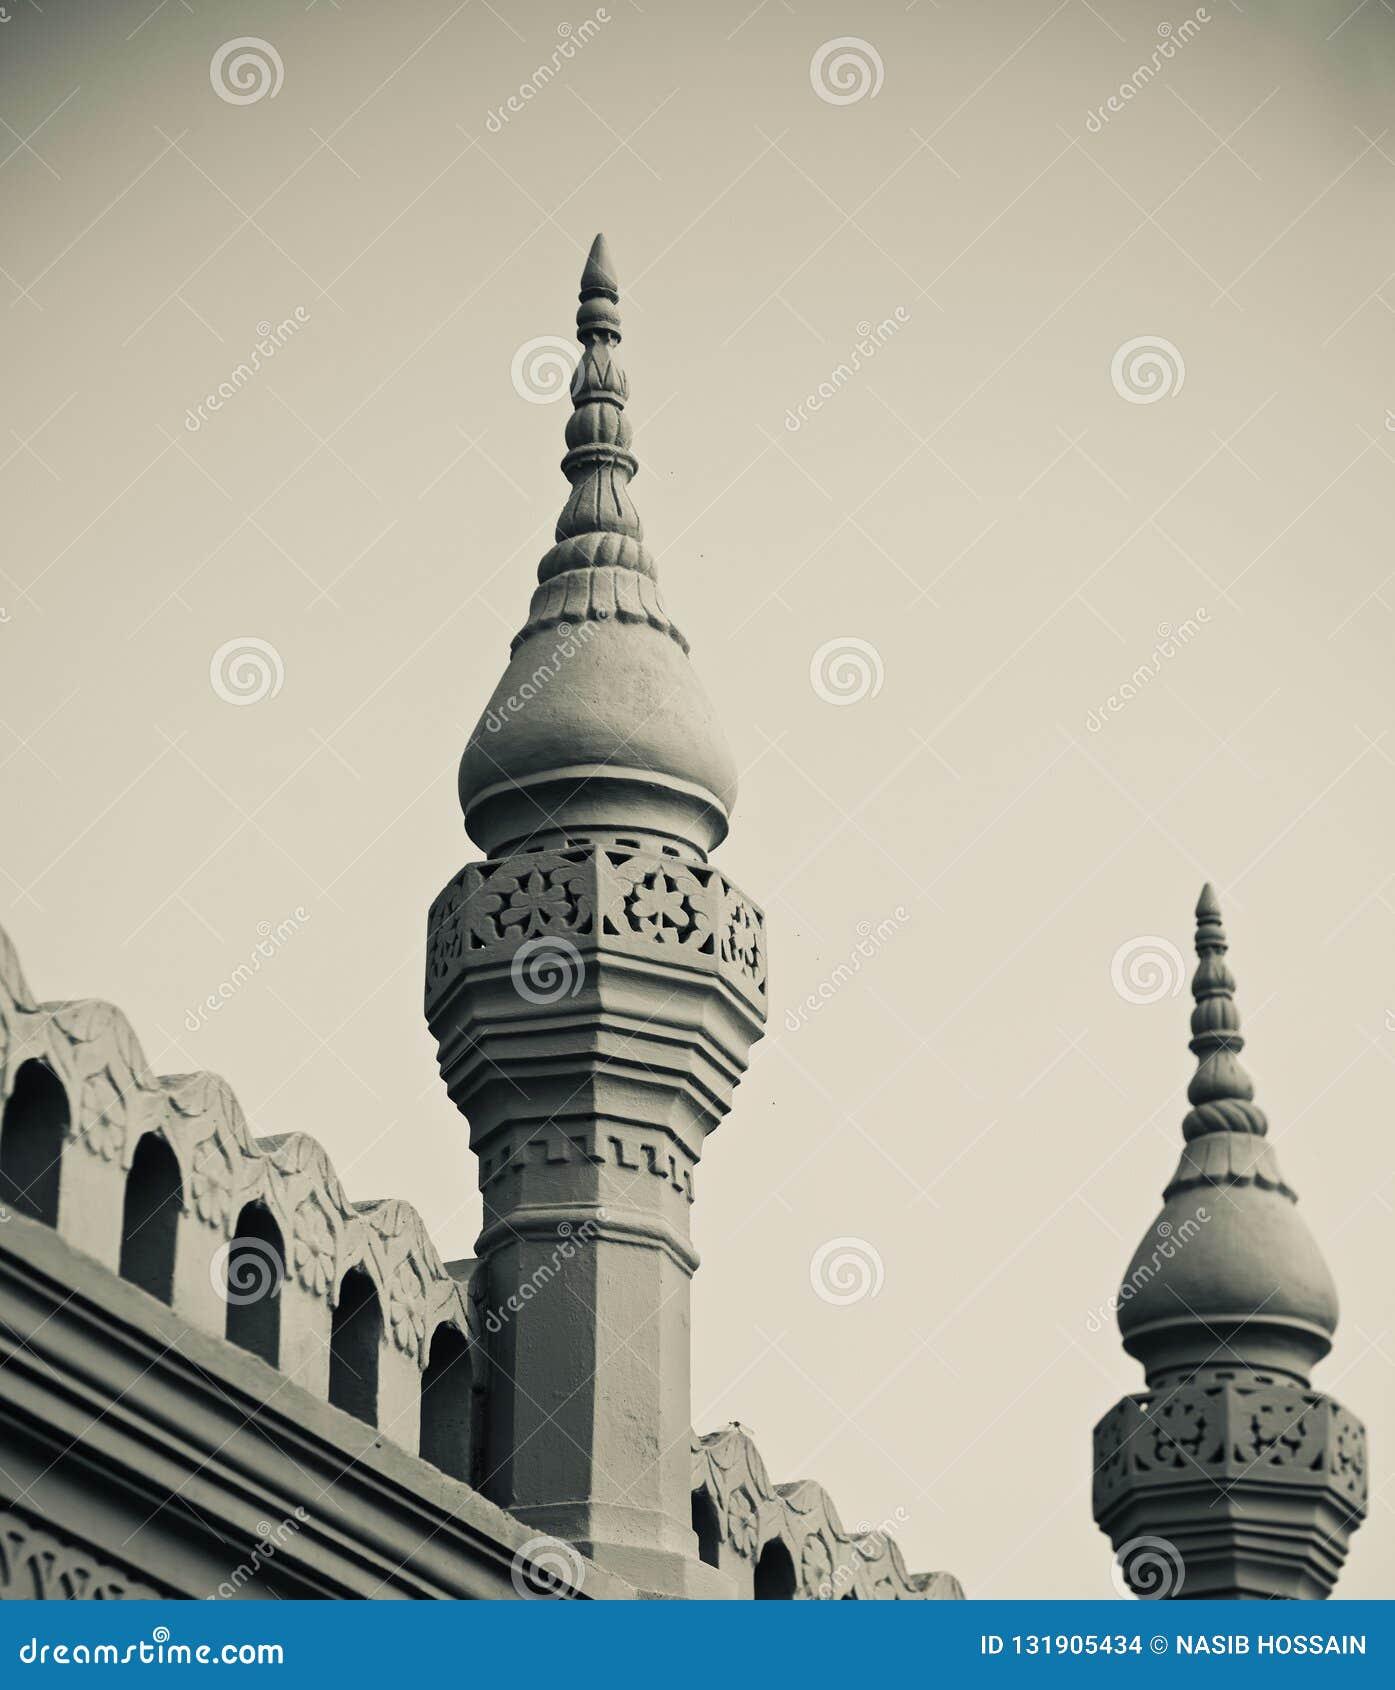 two minarets of a mosque unique photo